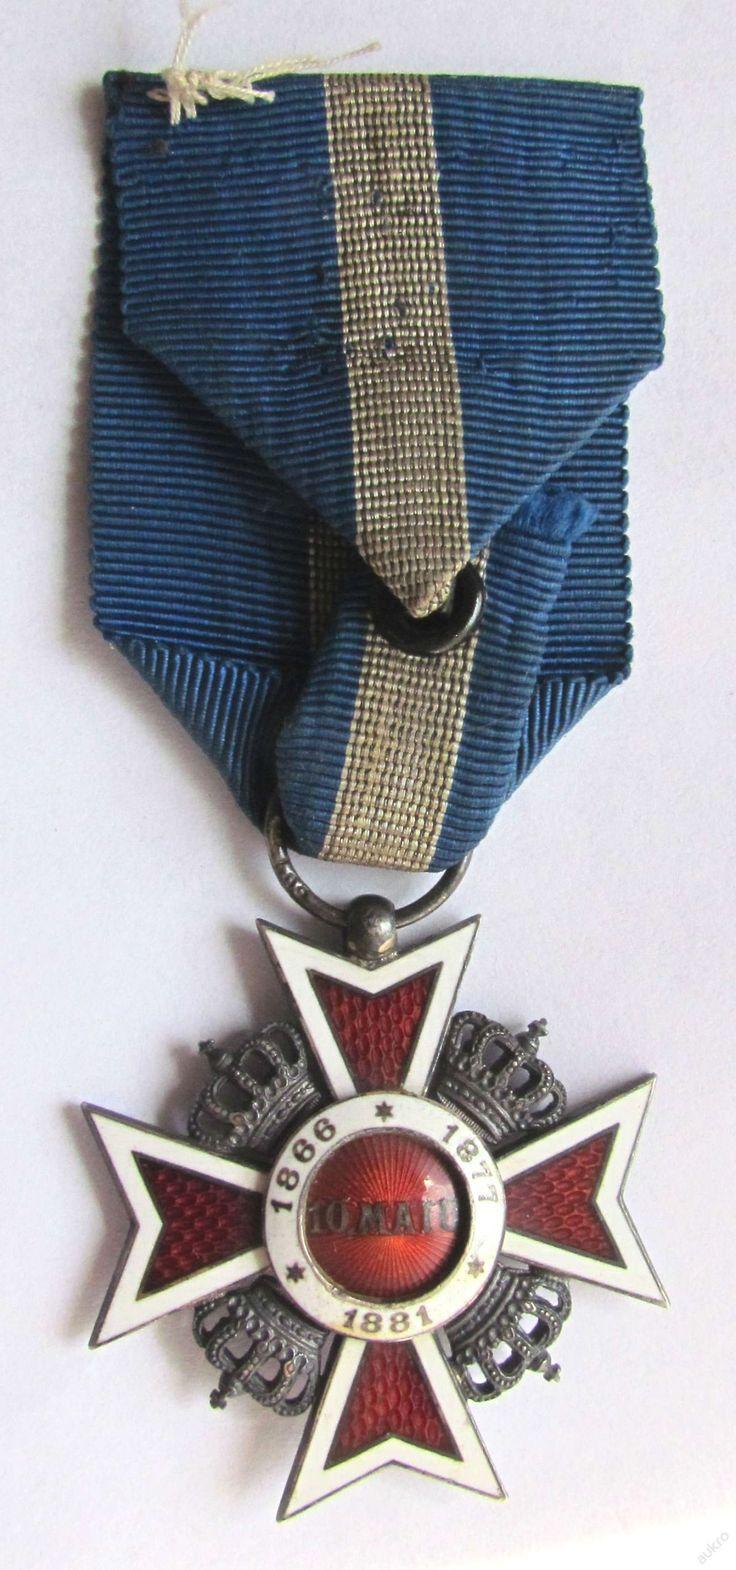 Řád rumunské koruny 5. třída (6575973676) - Aukro - největší obchodní portál